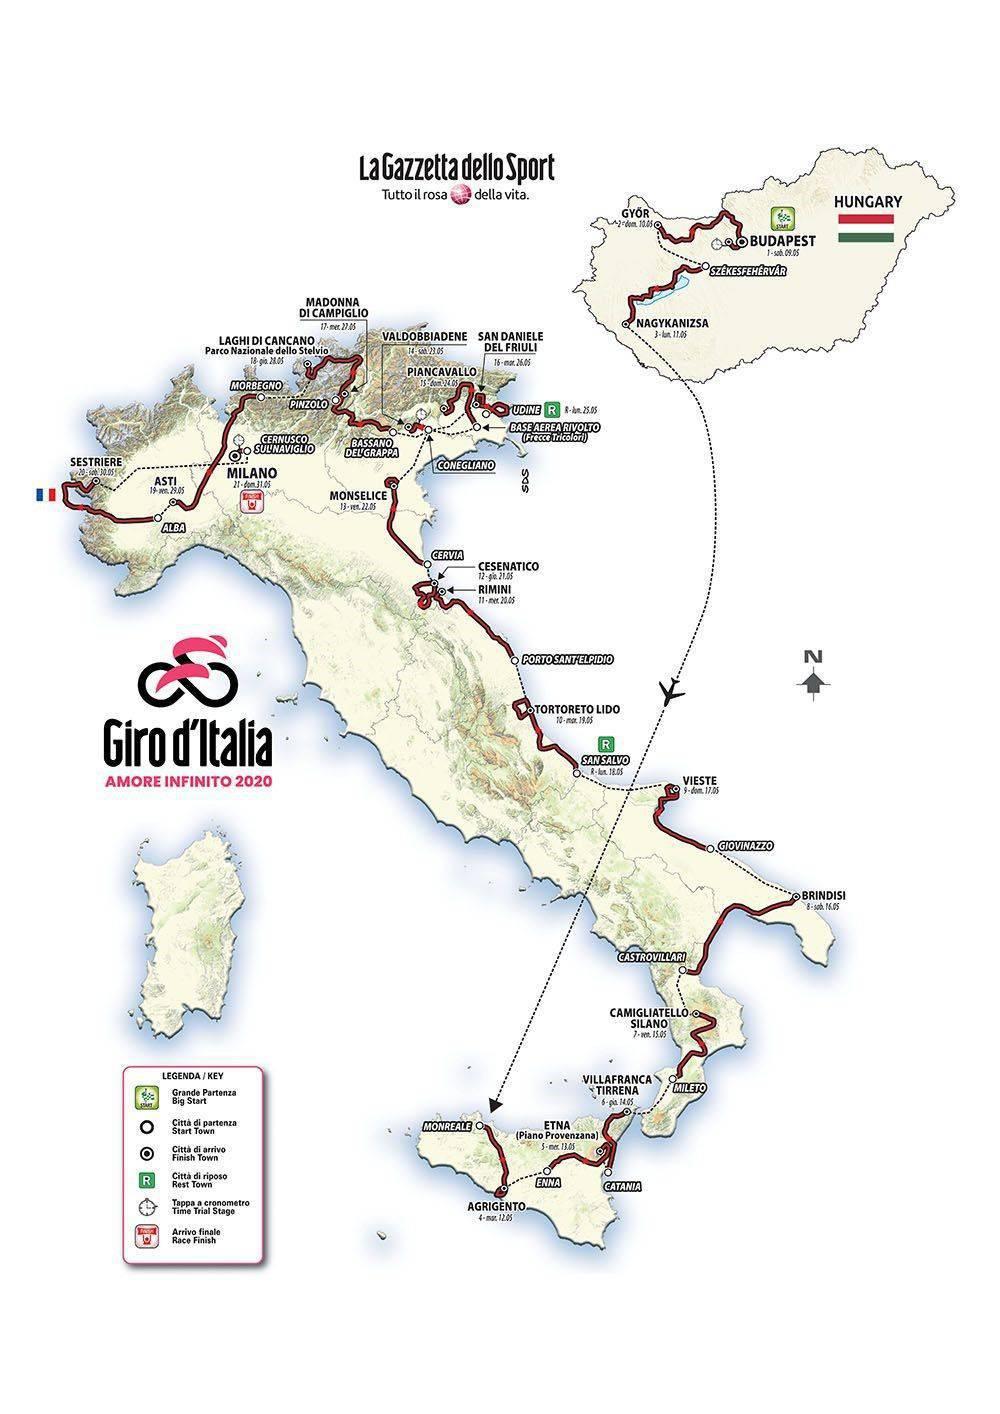 Il percorso del Giro dì'Italia 2020 da Budapest Milano